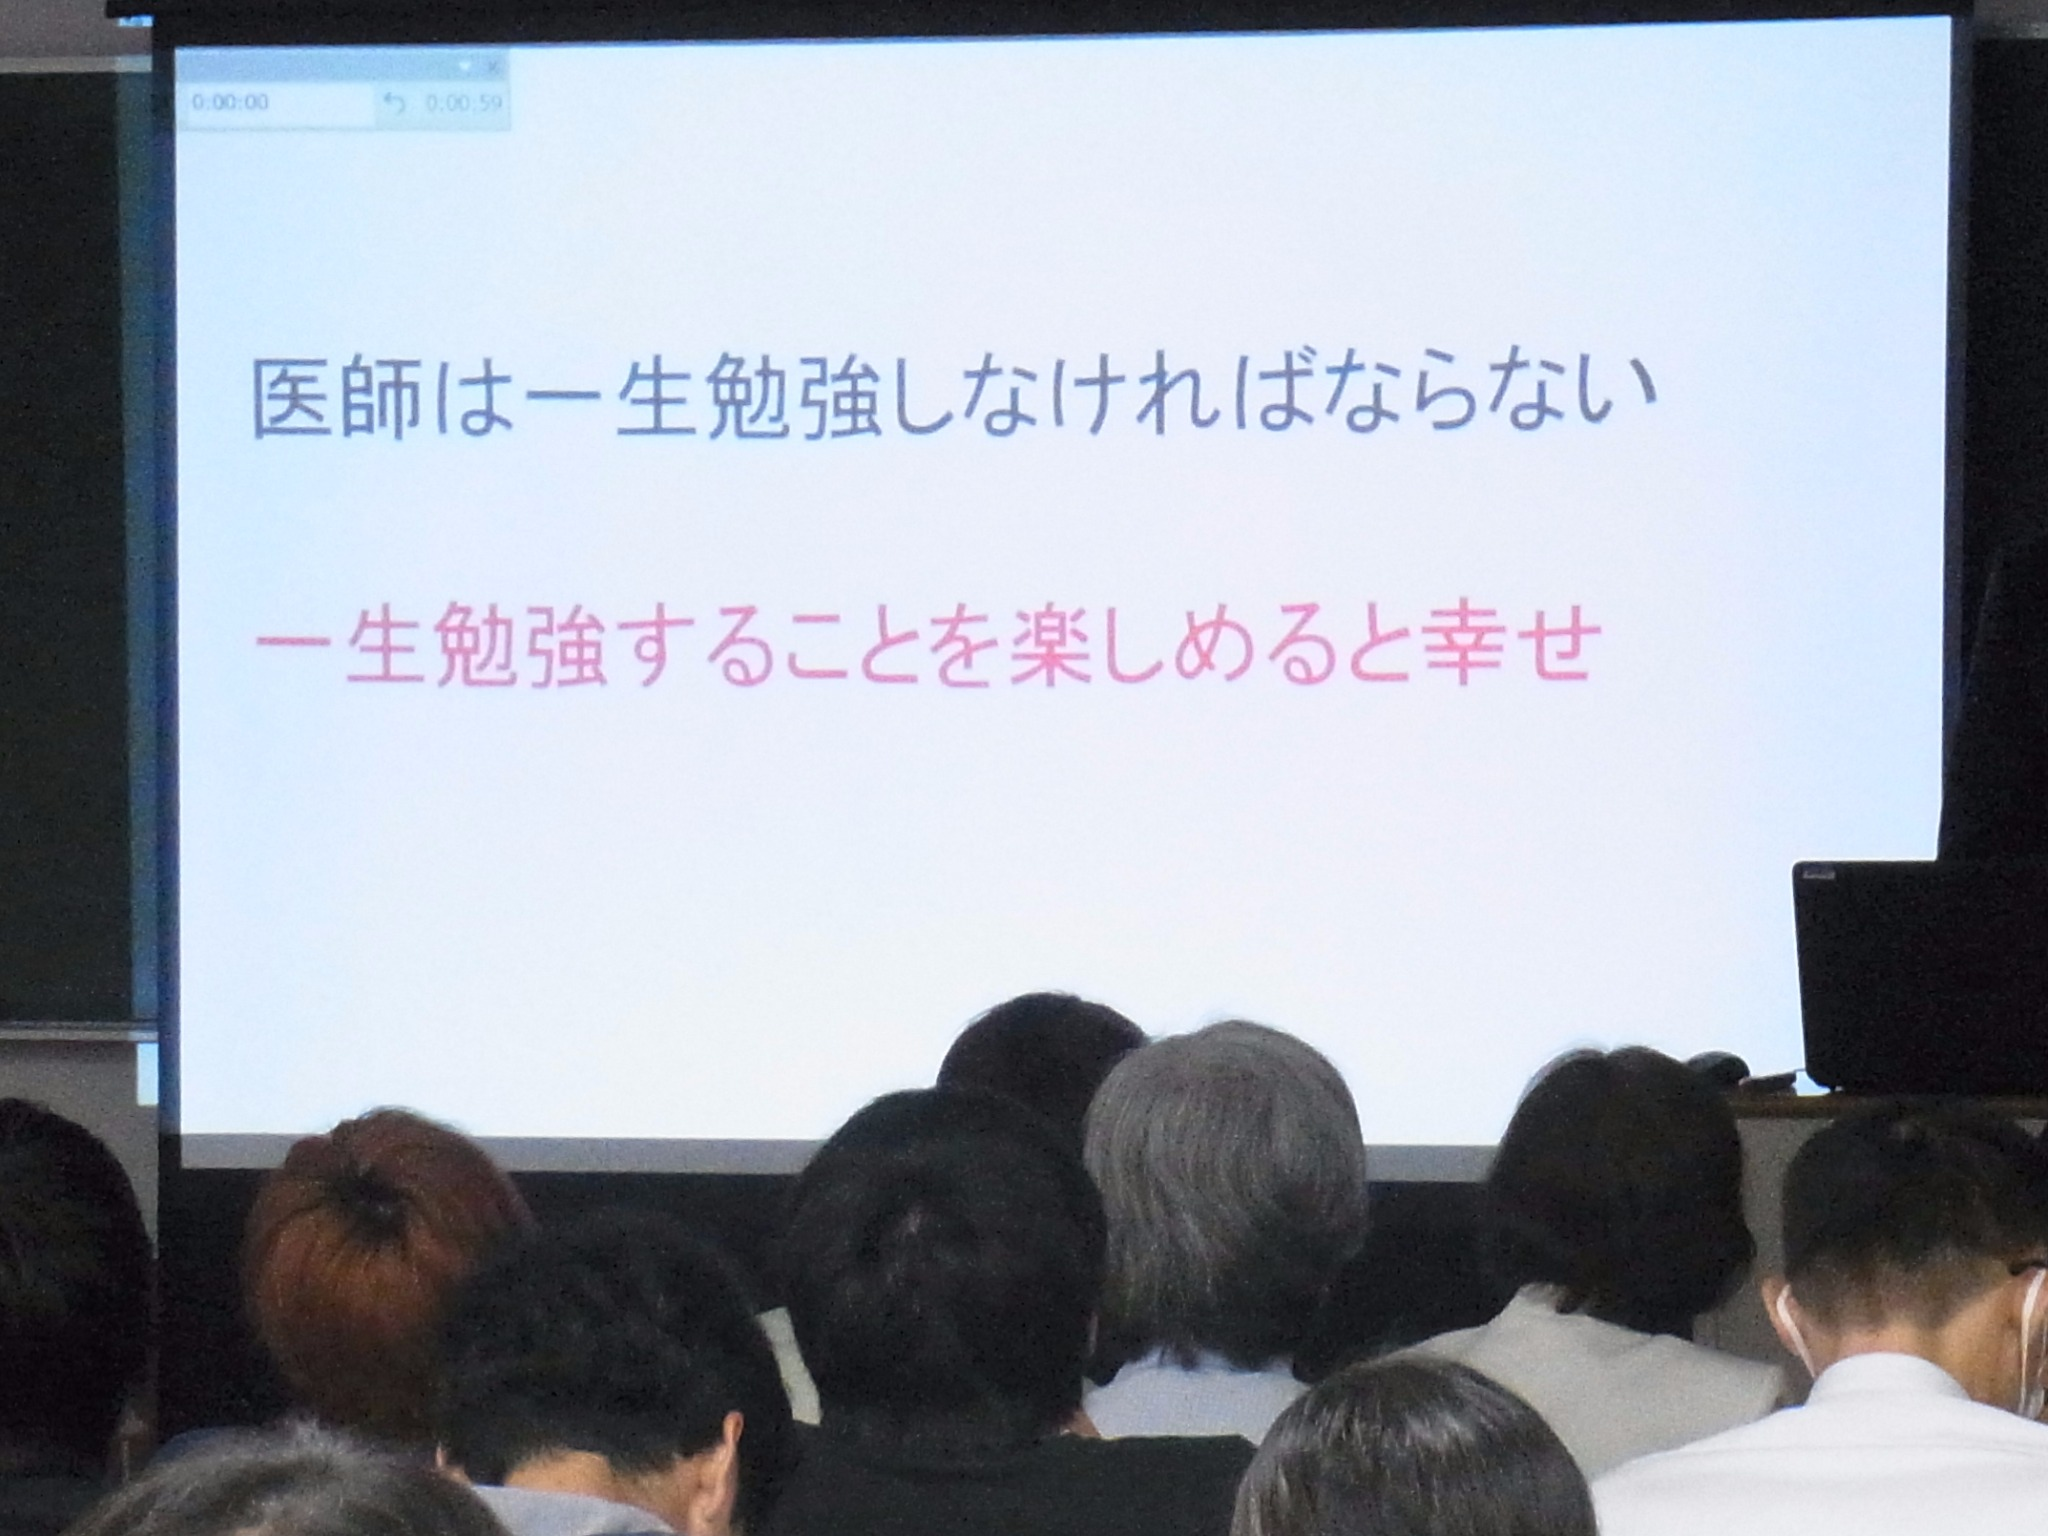 河合塾KALS 医学部編入・学士編入のすべてがわかる1日実施レポート